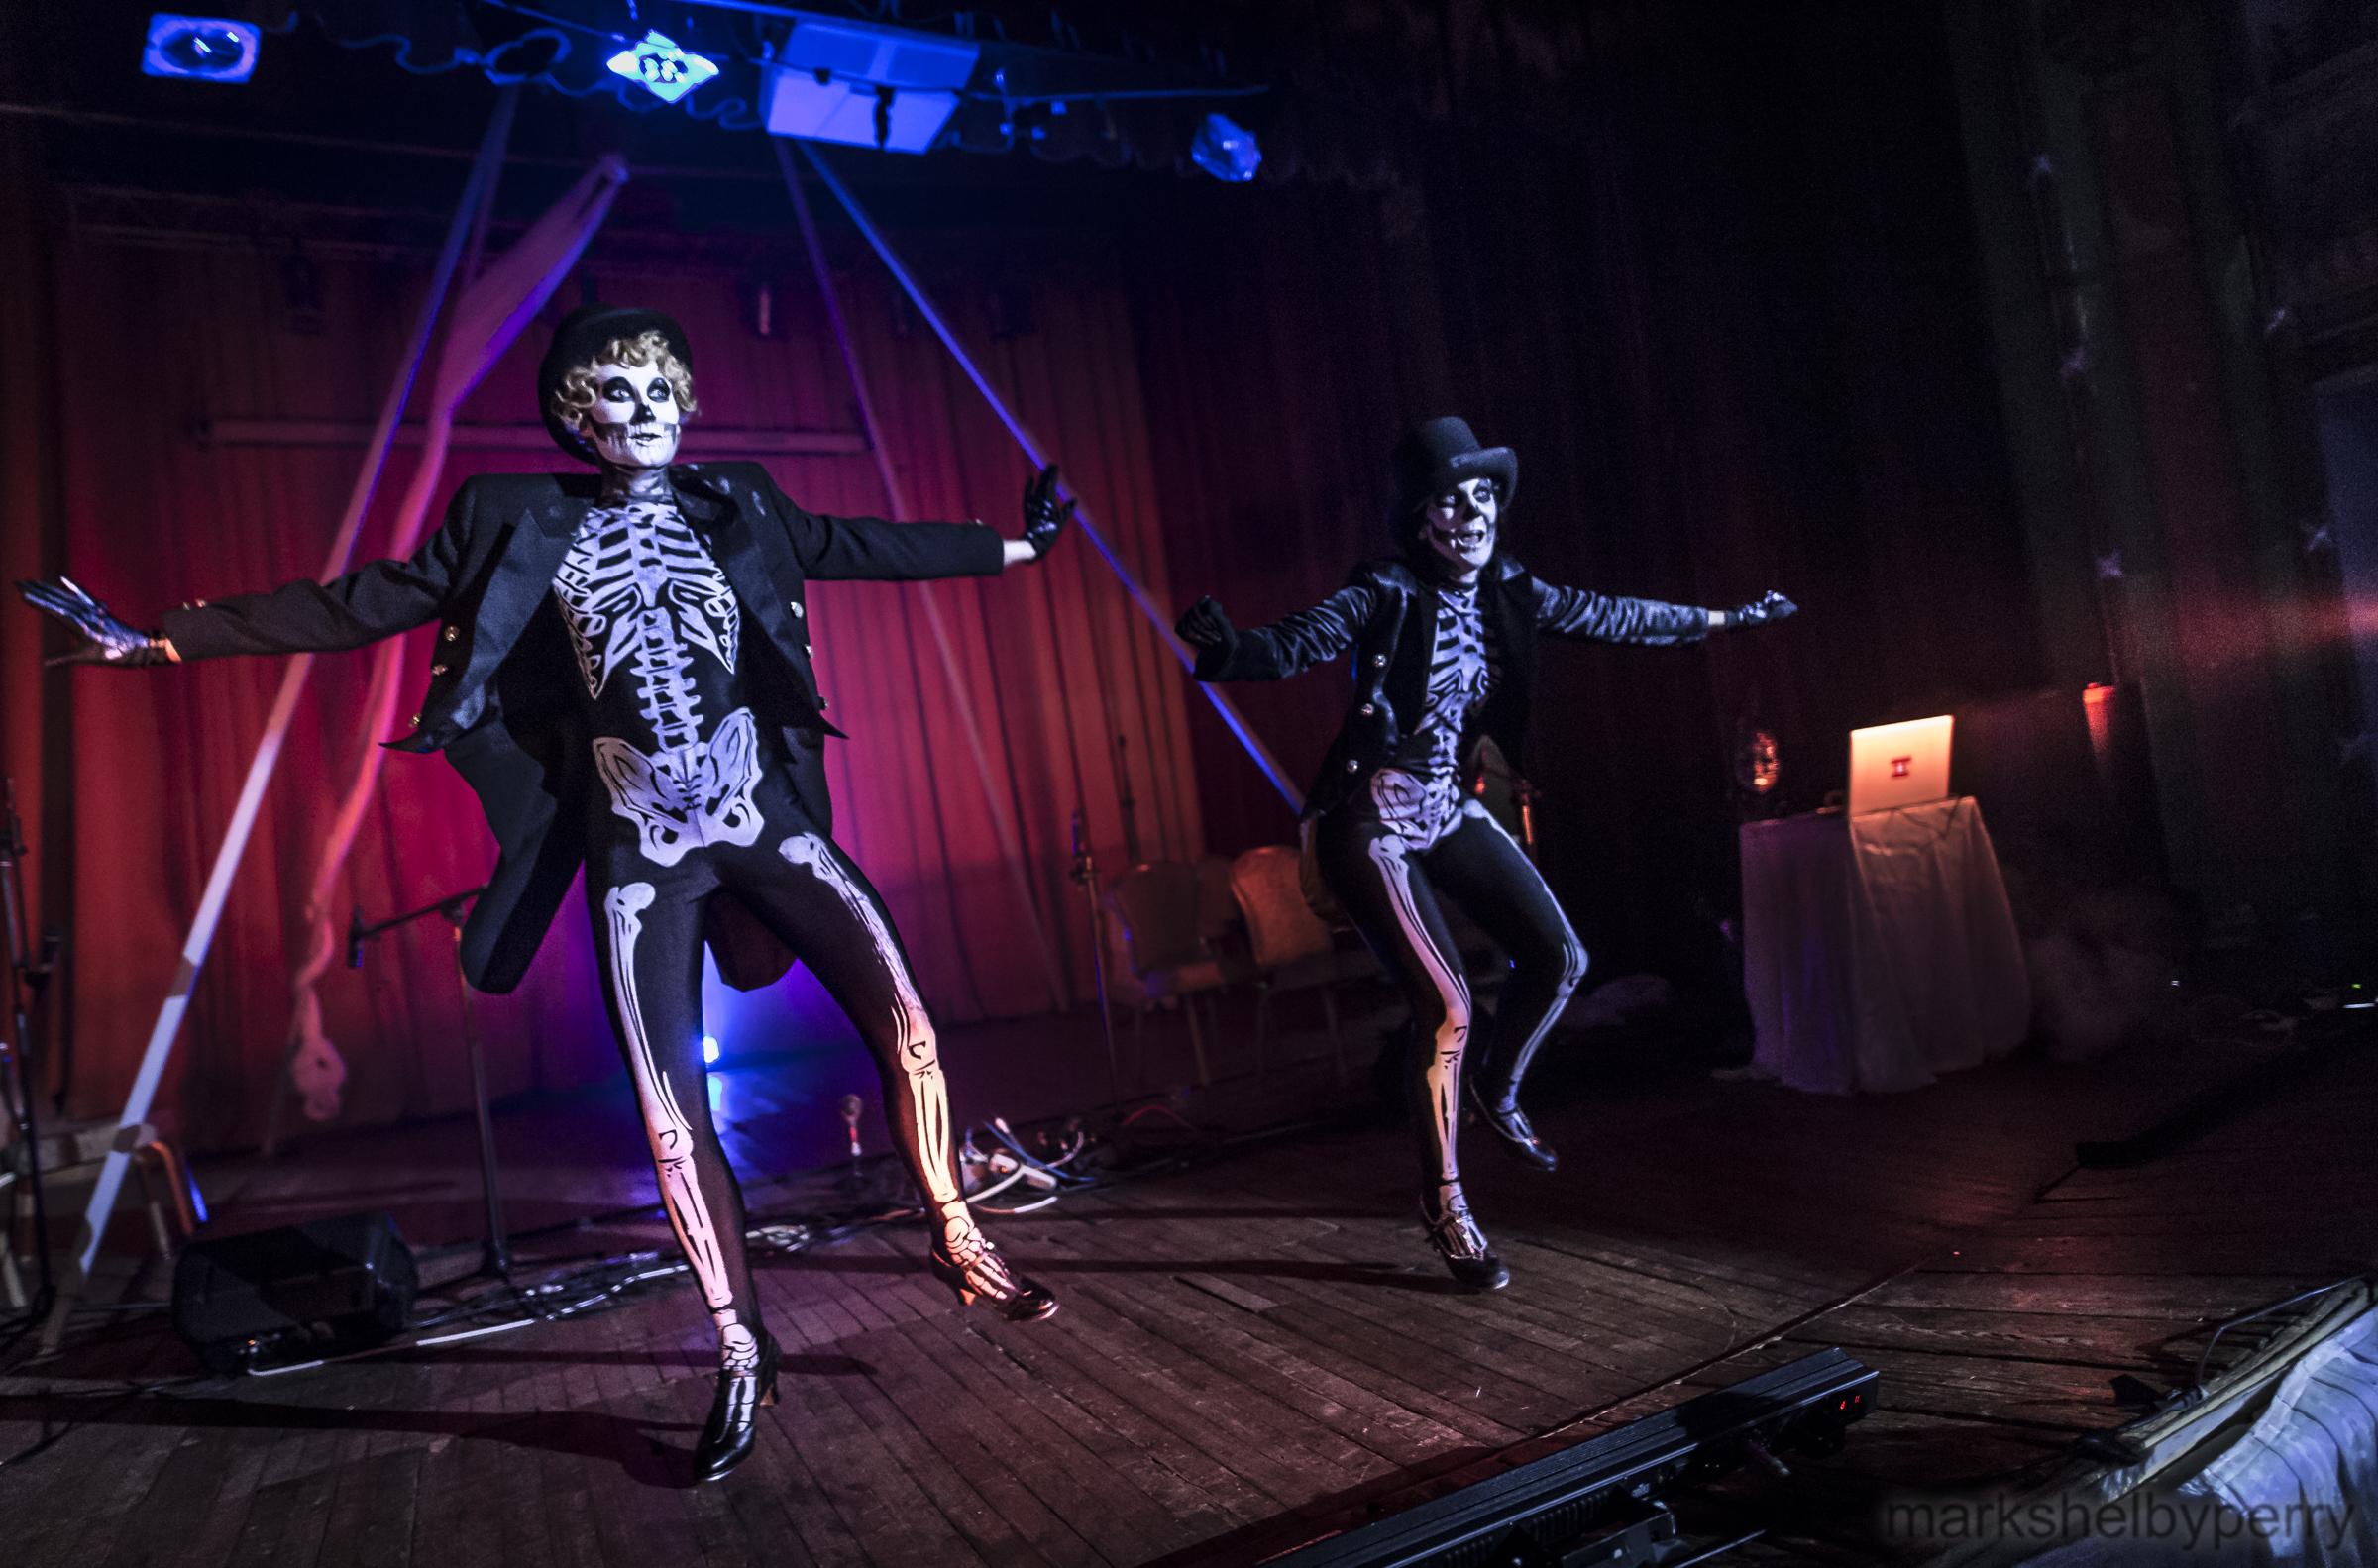 Tap Dancing Skeletons